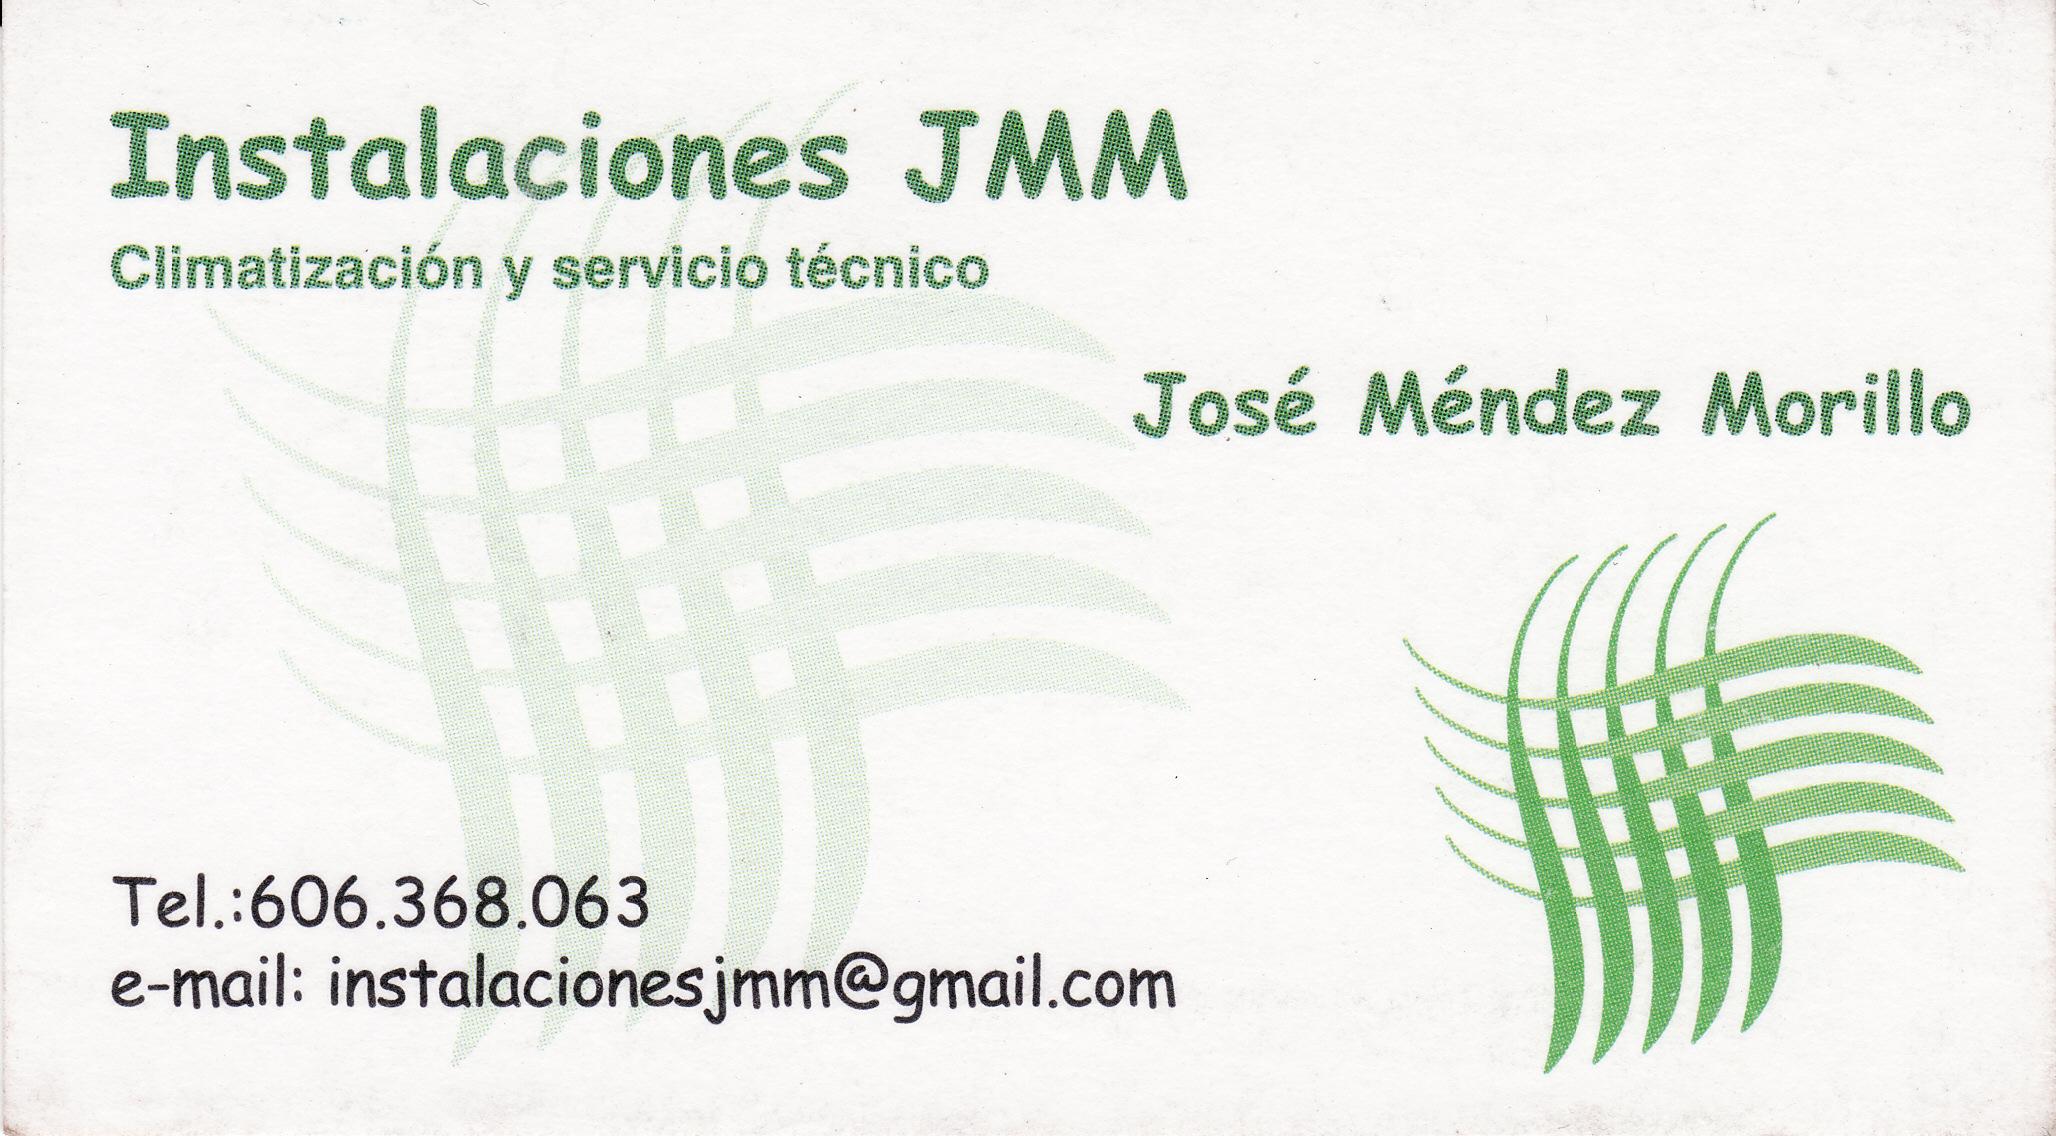 Instalaciones JMM